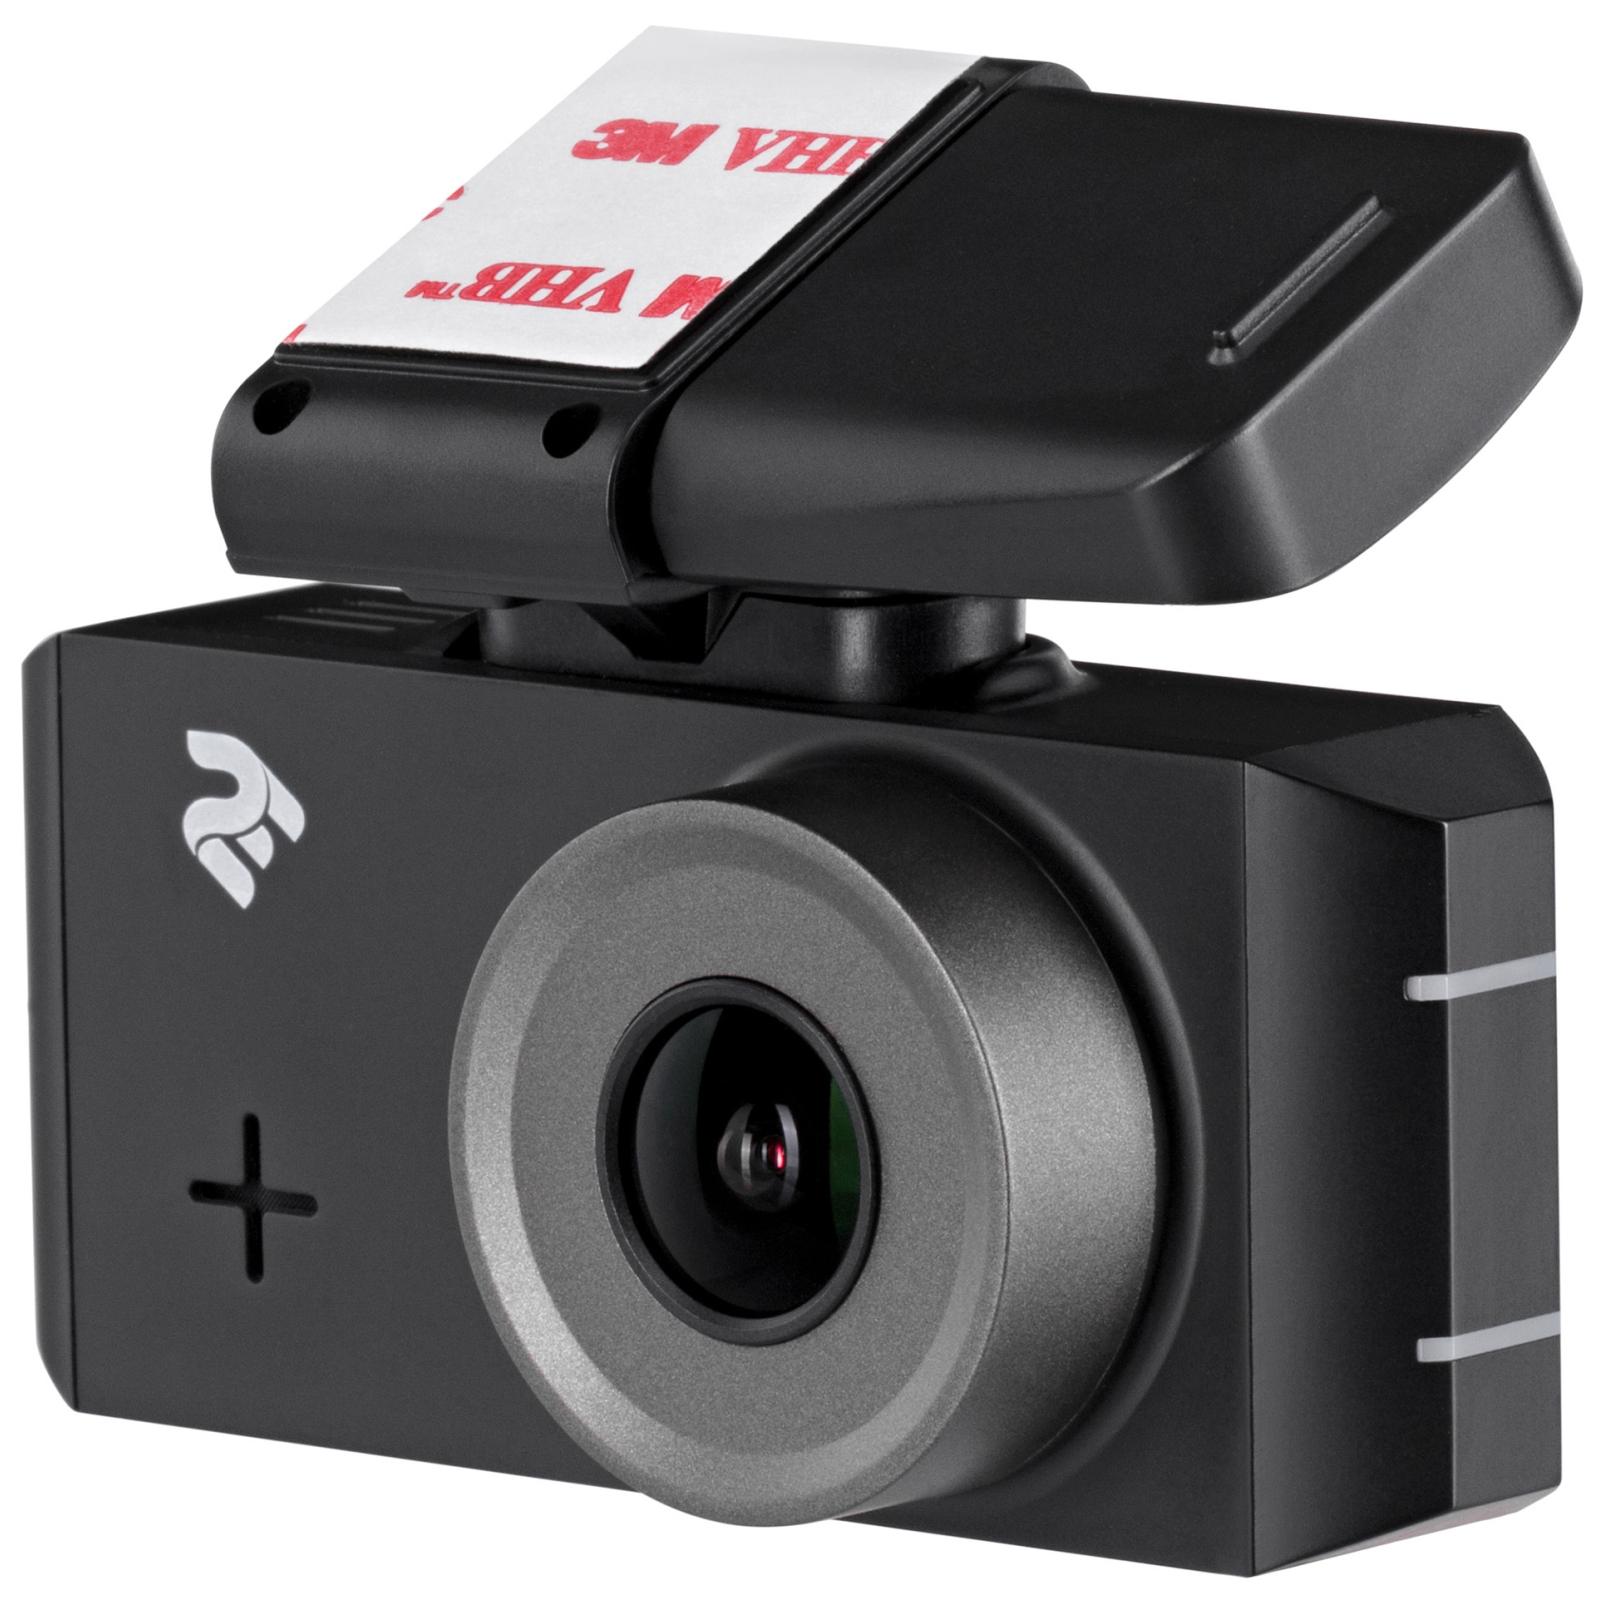 Відеореєстратор 2E Drive 700 Magnet (2E-DRIVE700MAGNET)